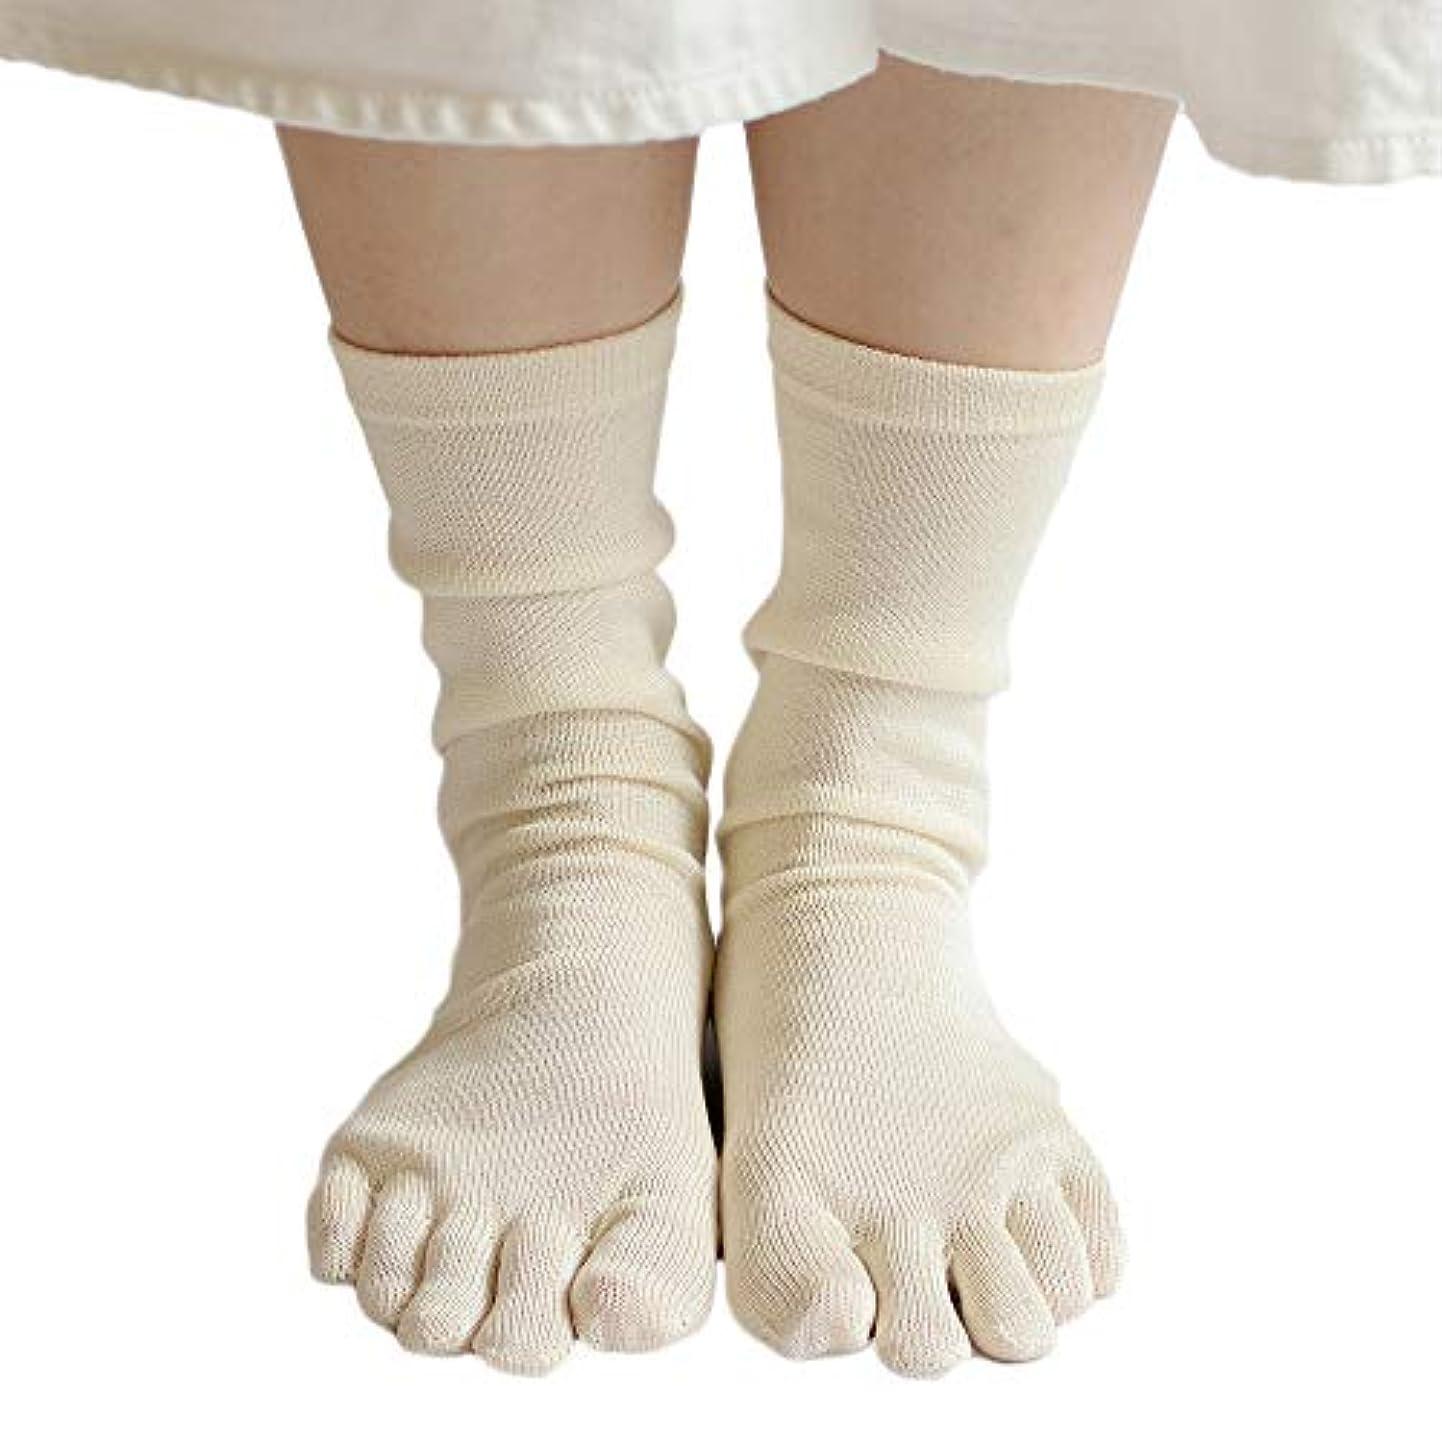 変数レベル作るタイシルク 100% 五本指 ソックス 3足セット かかとあり 上質なシルクを100%使用した薄手靴下 重ね履きのインナーソックスや冷えとりに